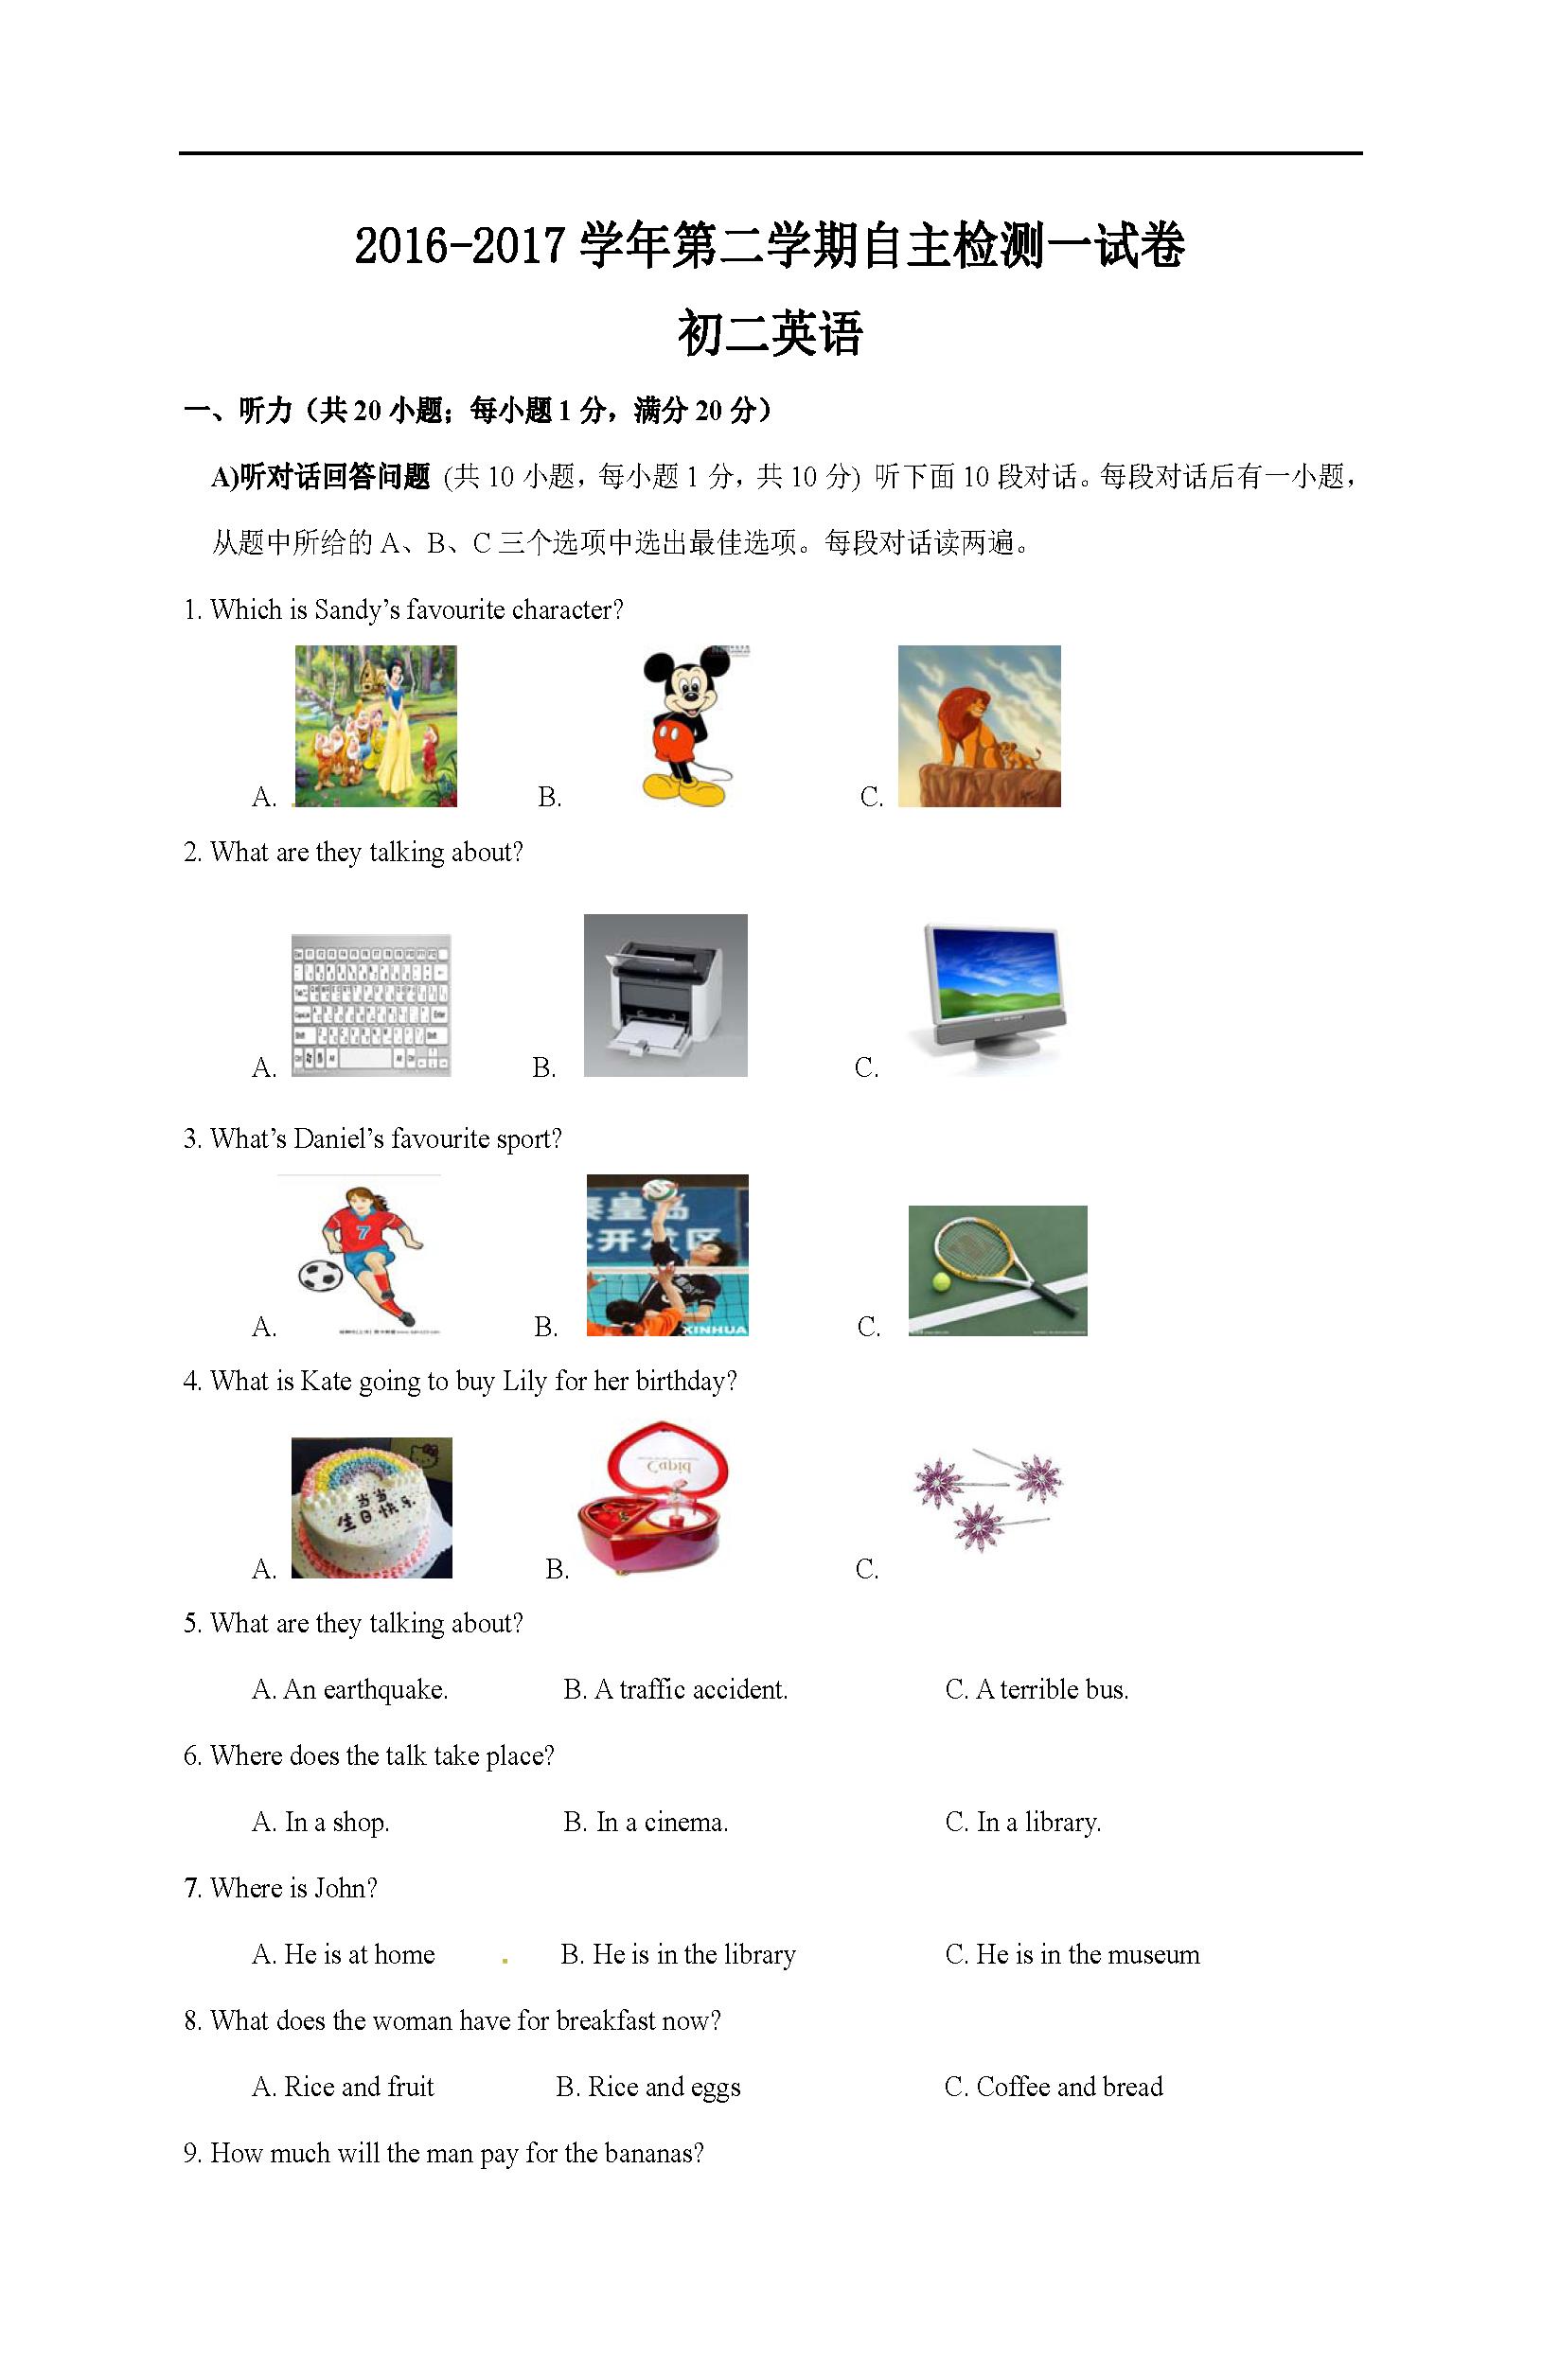 江苏苏州高新区第二中学2016-2017八年级下自主检测一英语试题(图片版)